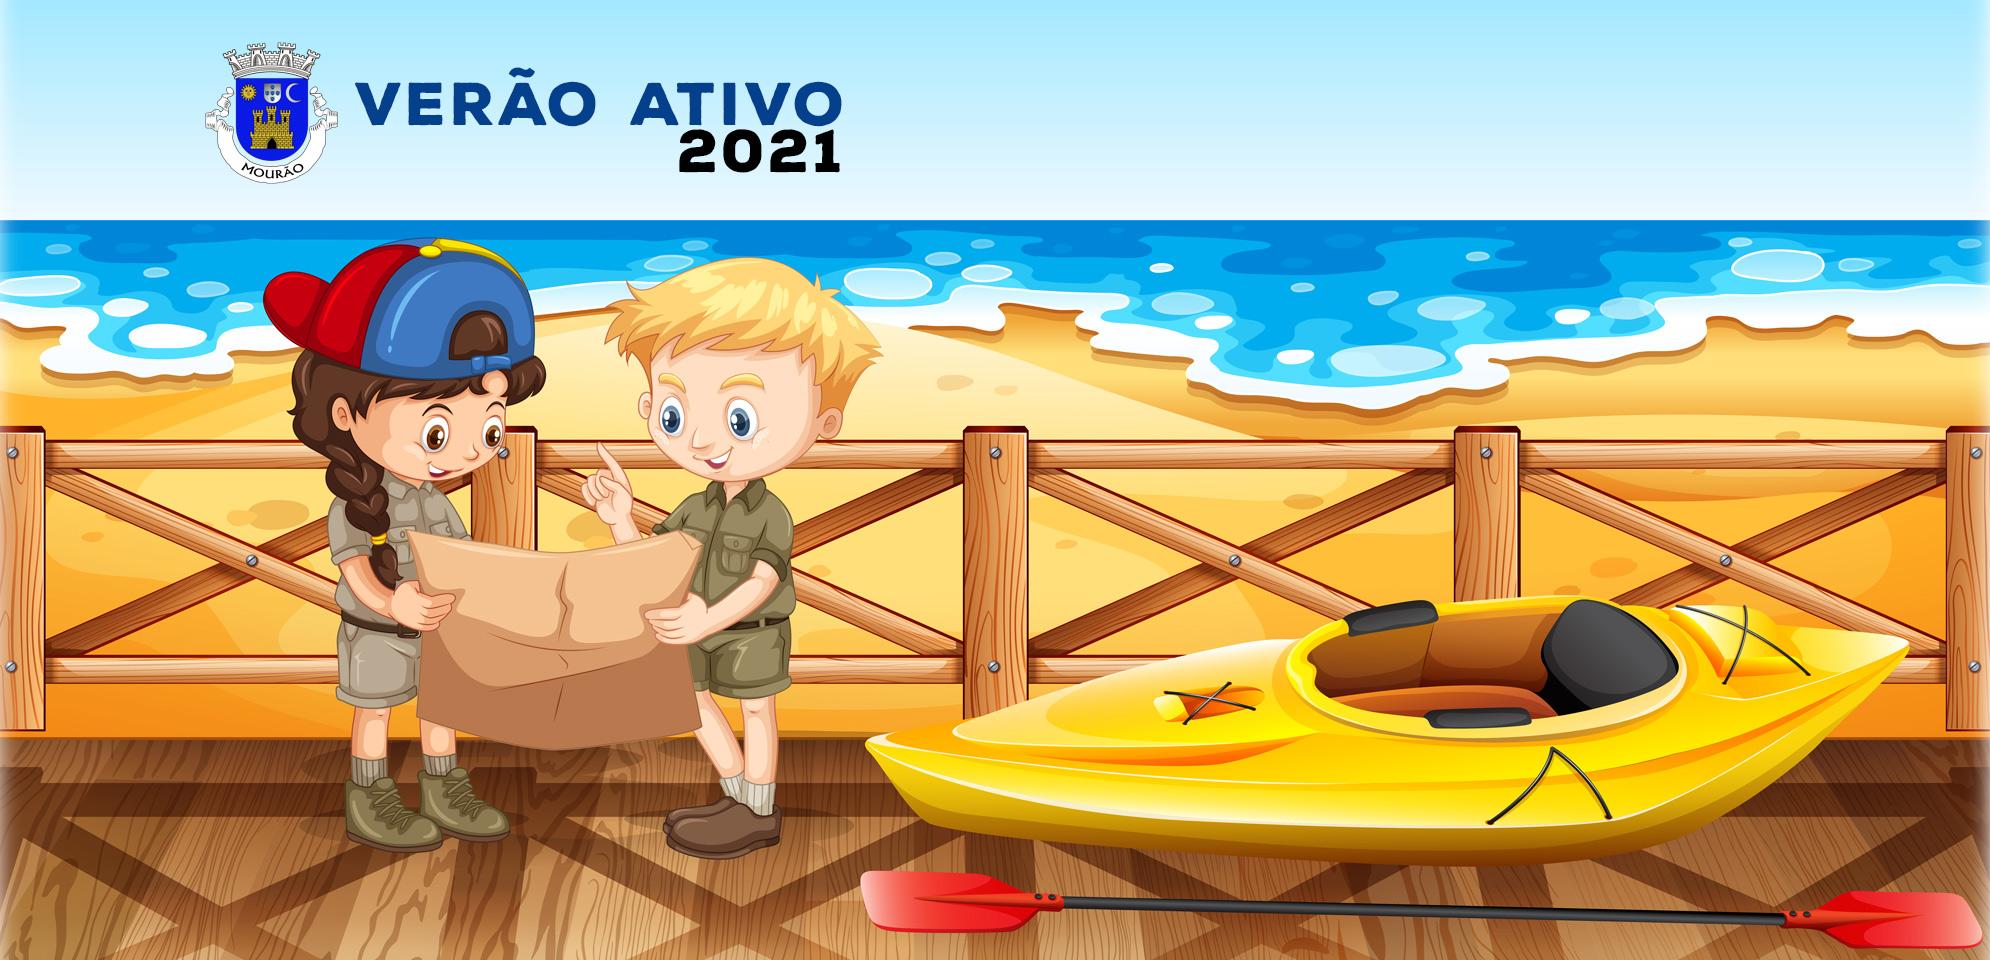 Verão Ativo 2021